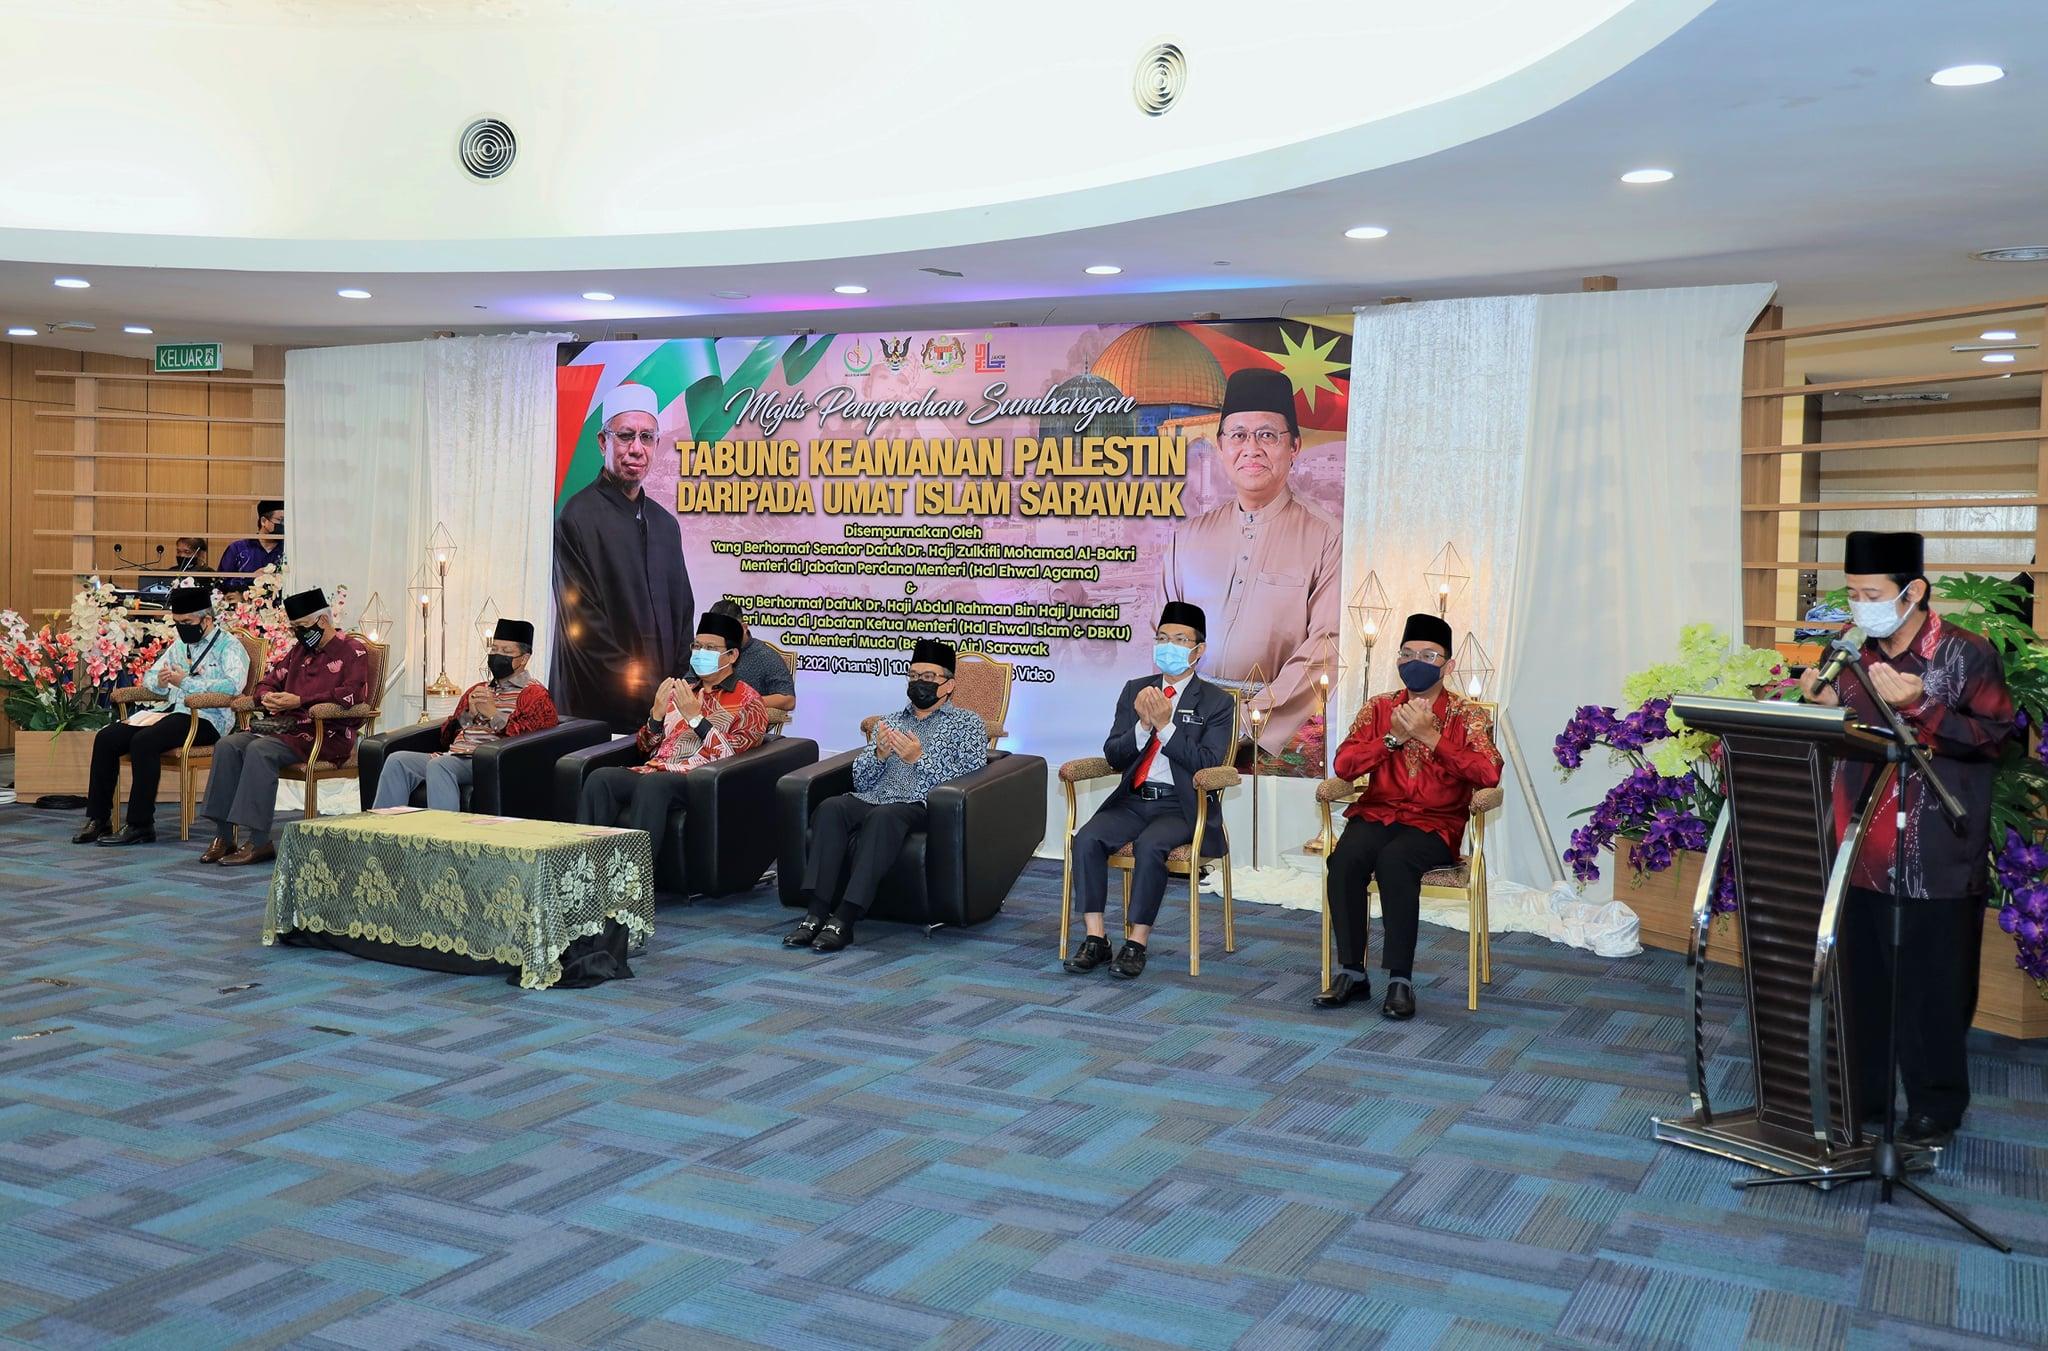 Majlis Penyerahan Sumbangan Tabung Keamanan Palestin daripada Umat Islam Sarawak…